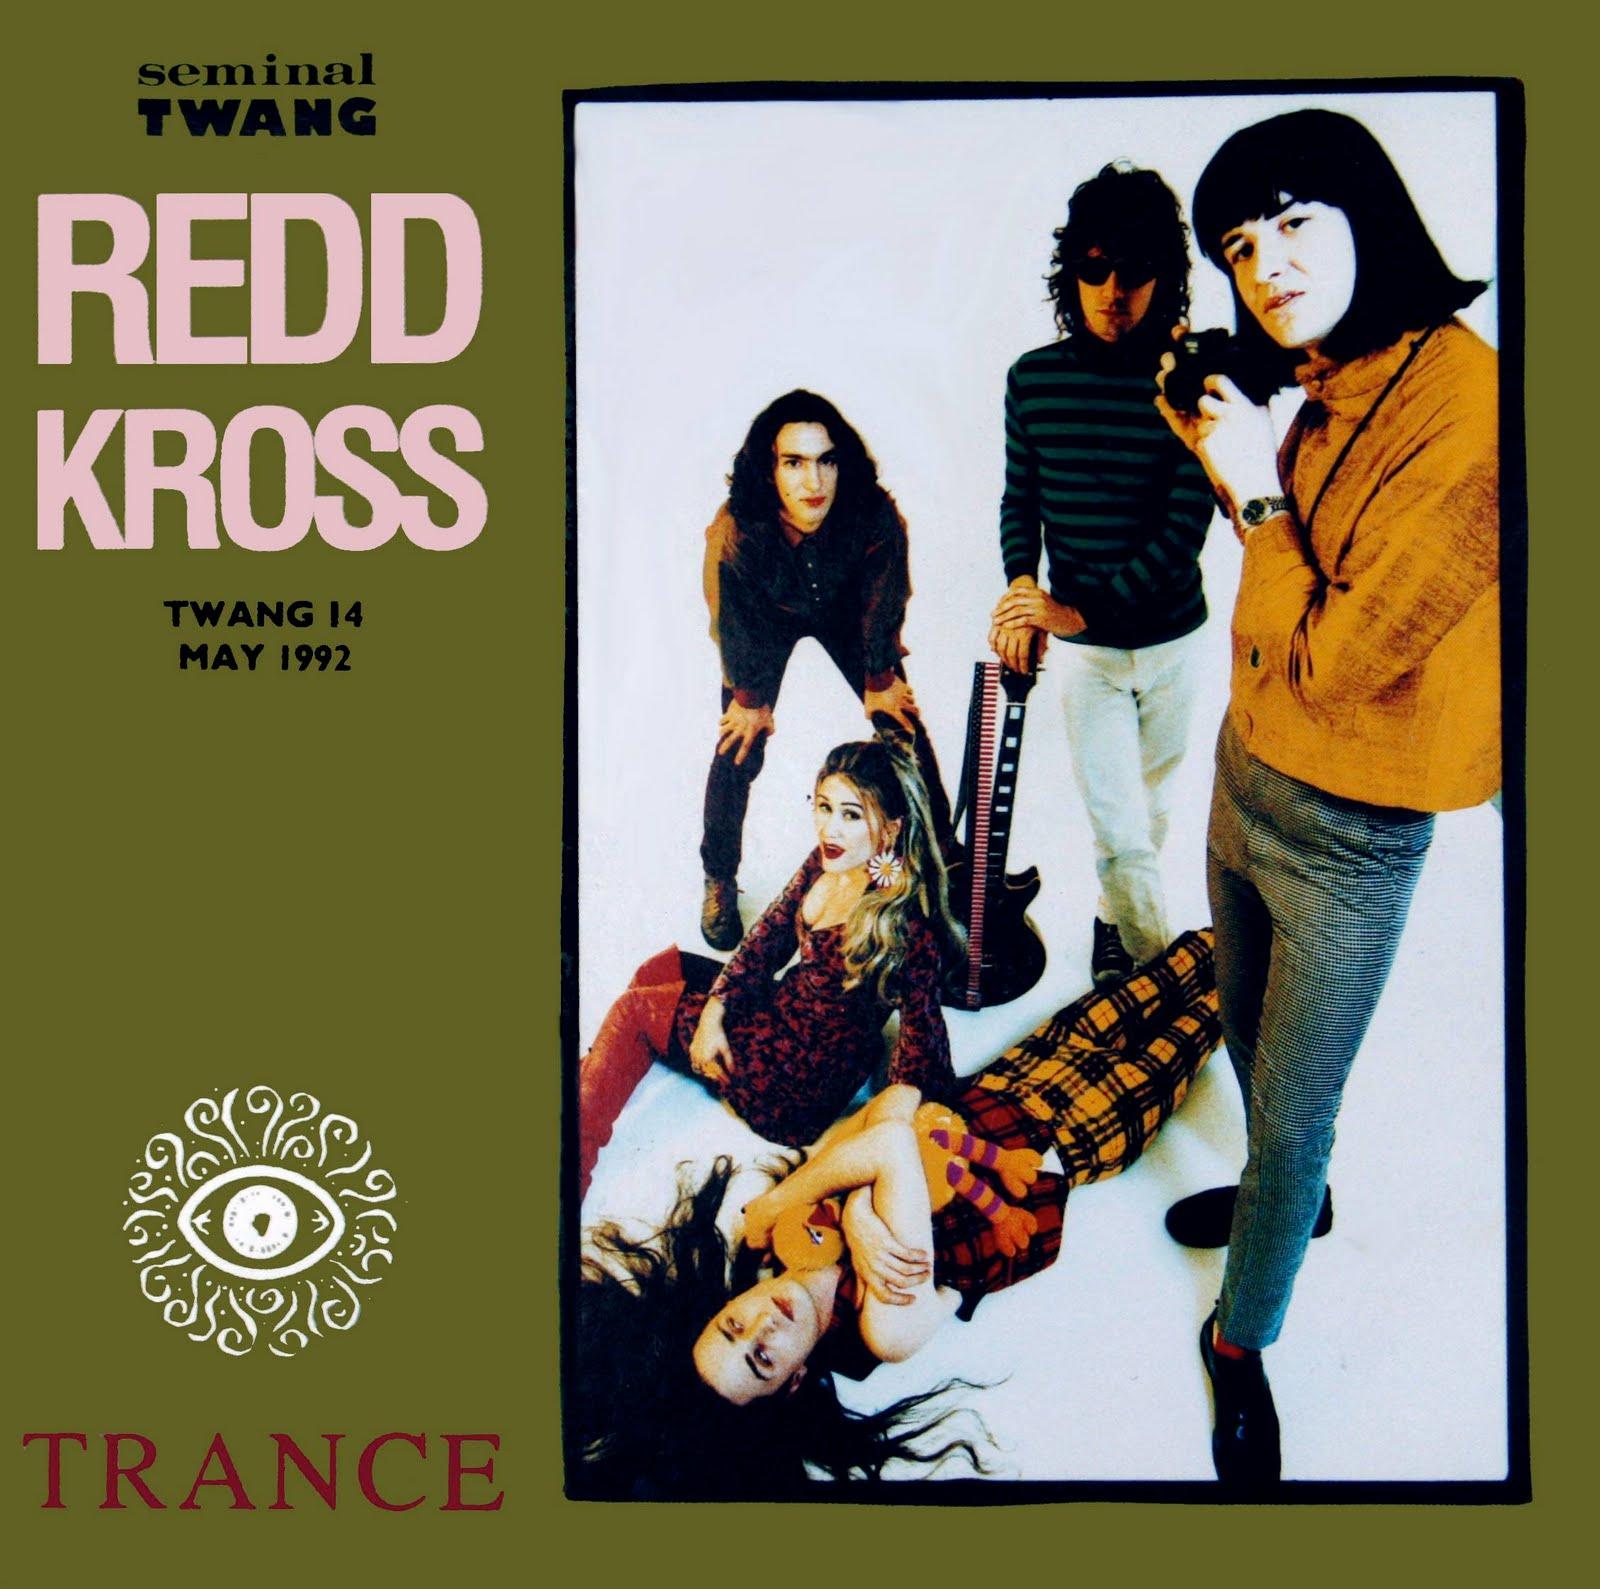 Redd Kross